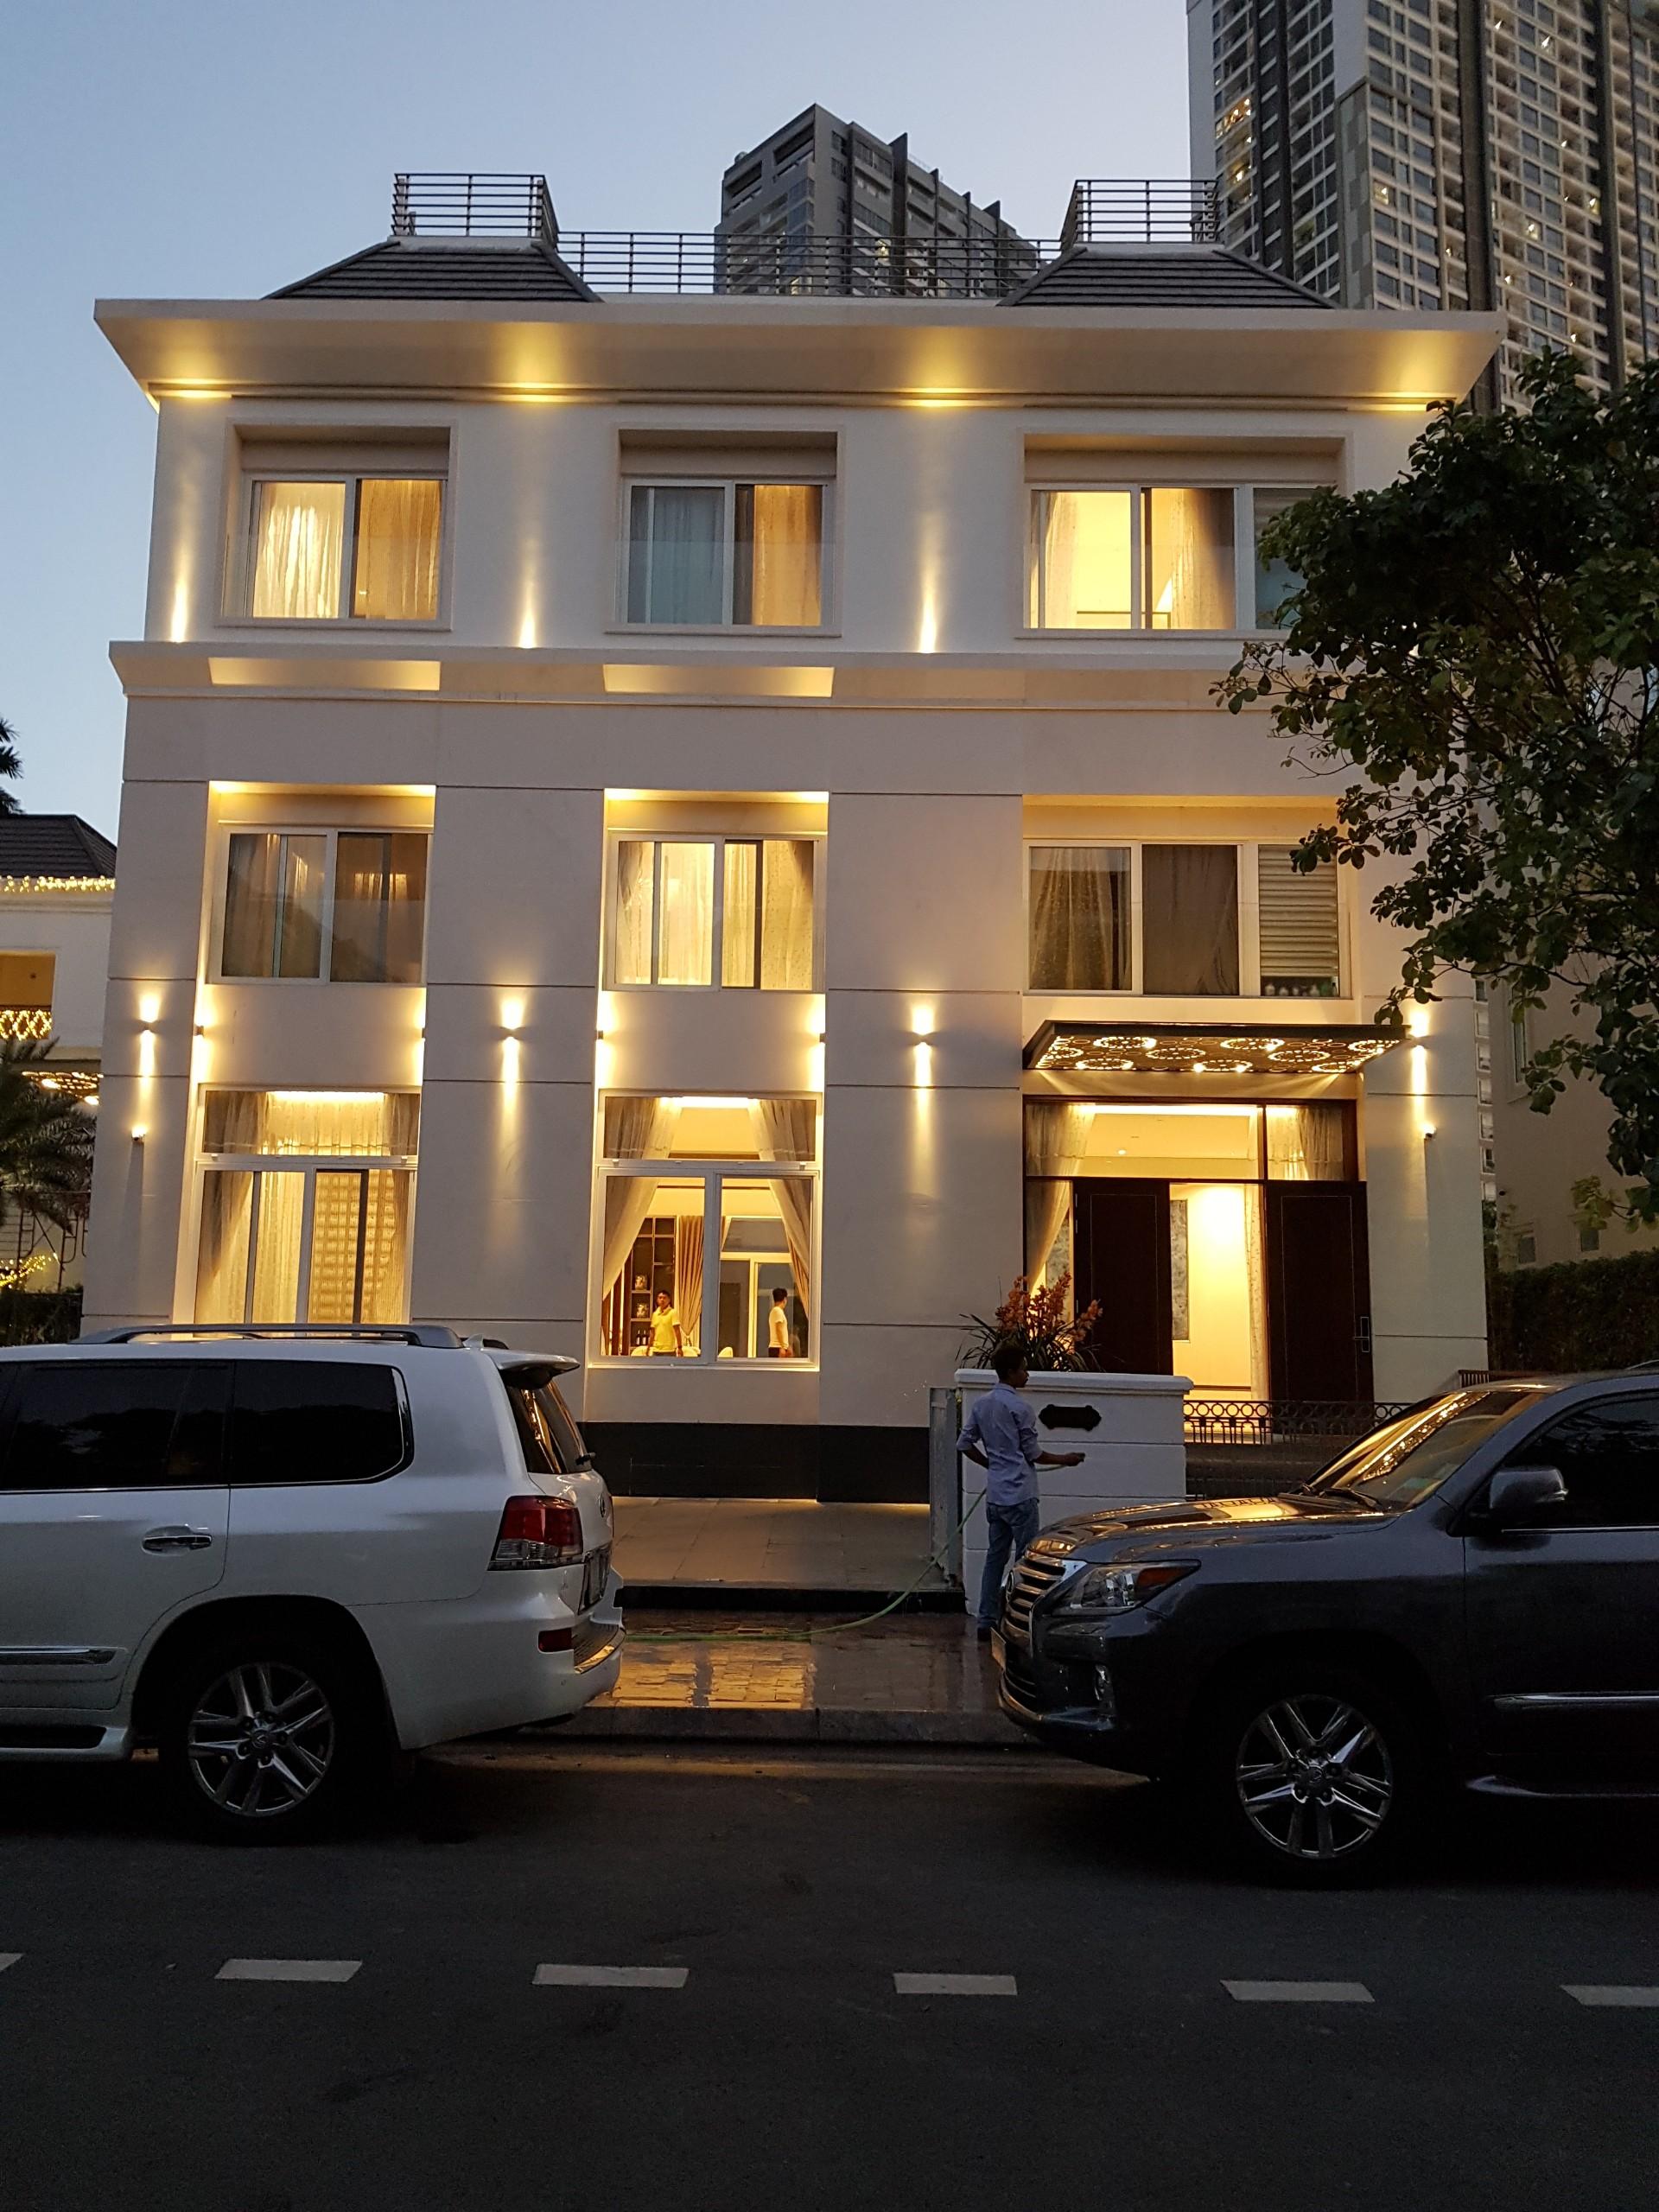 Biệt thự Vinhomes - Quận Bình Thạnh